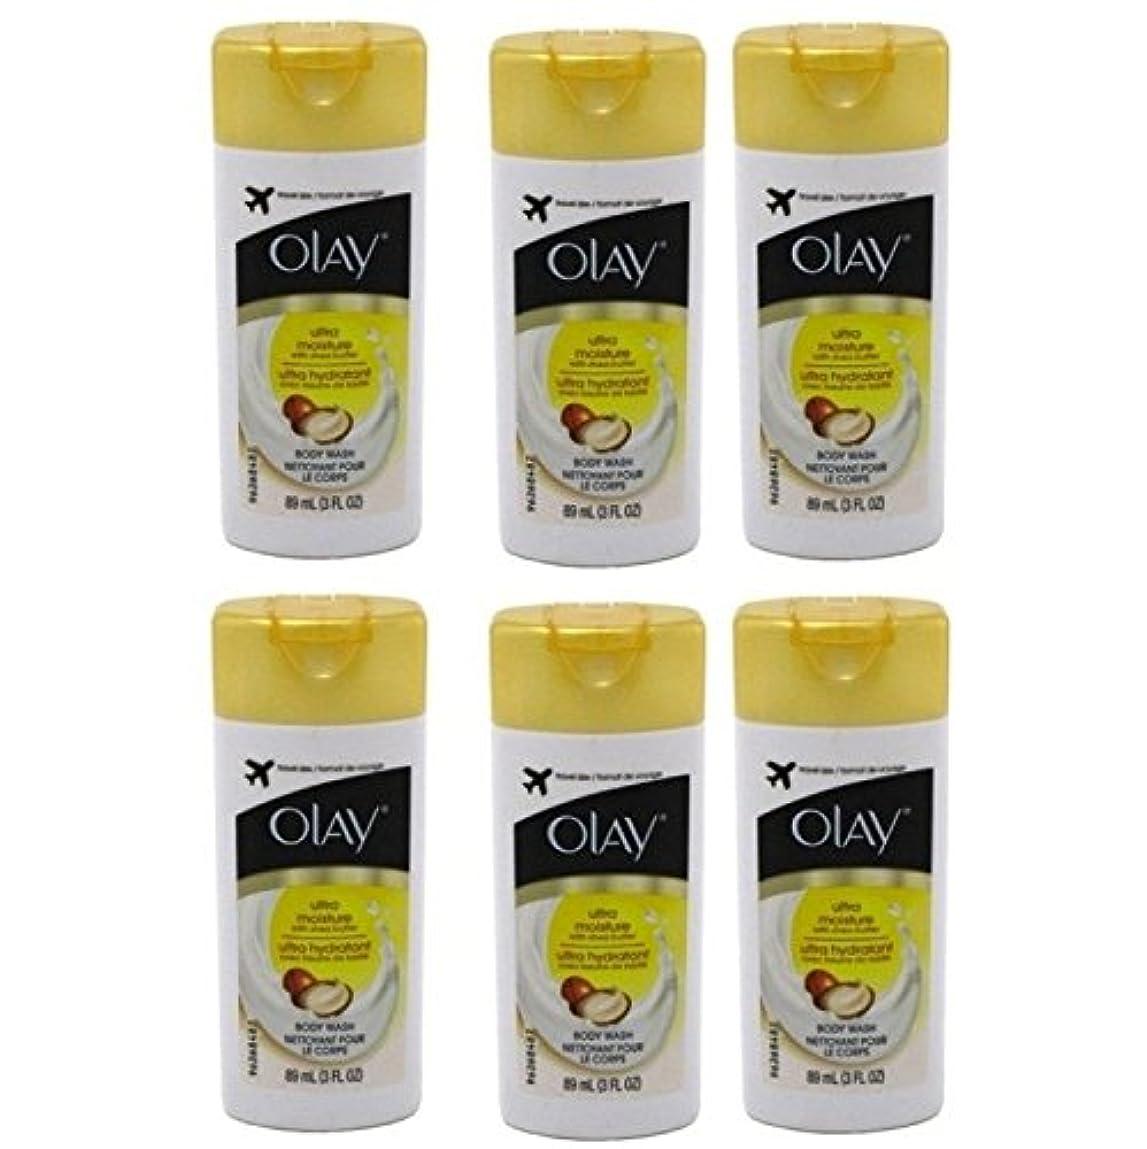 地上で消去未亡人Olay Ultra Moisture Body Wash 3oz Travel Size by Olay